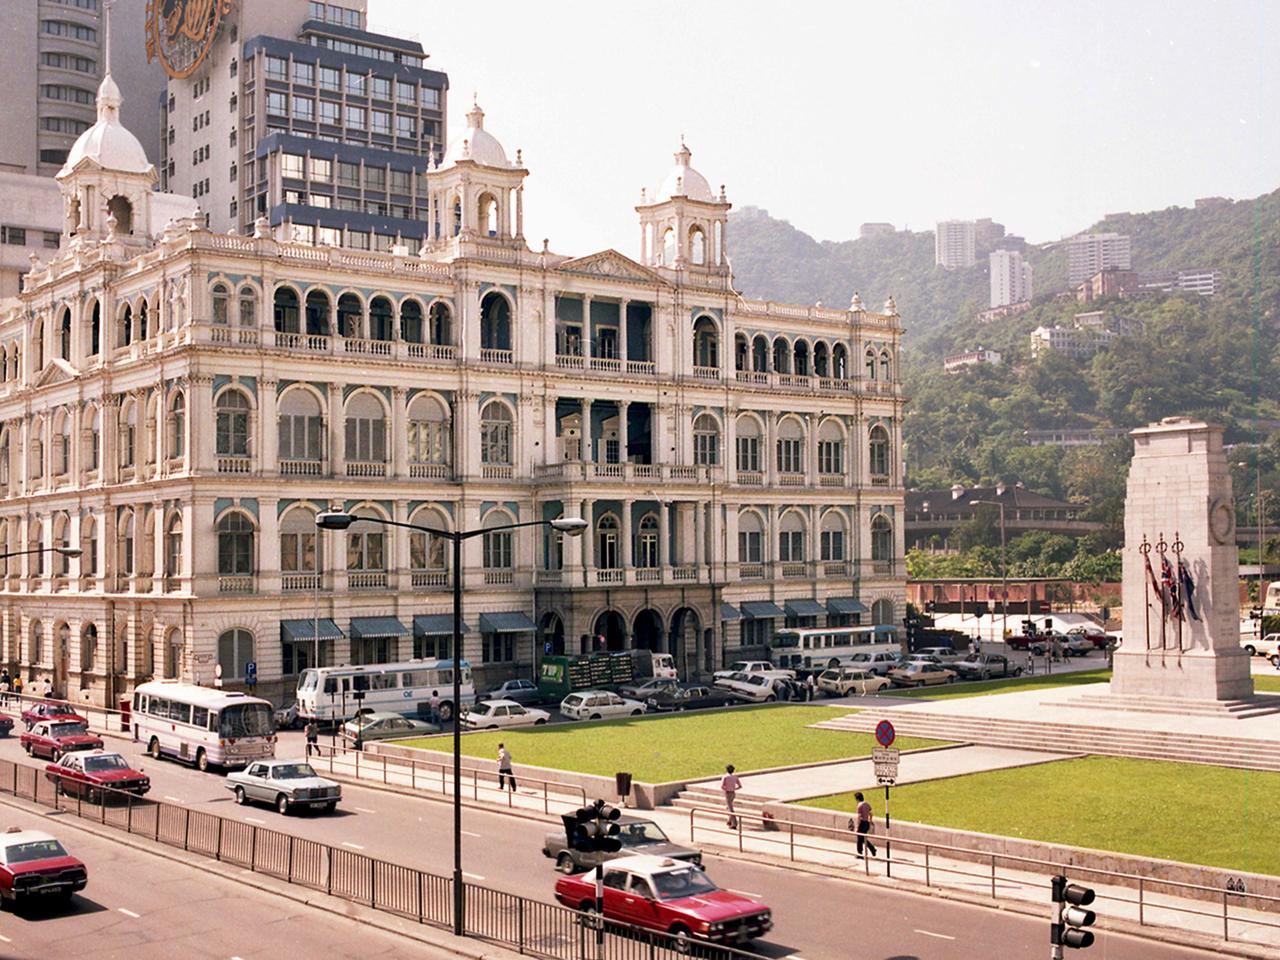 Old Hong Kong Club Building